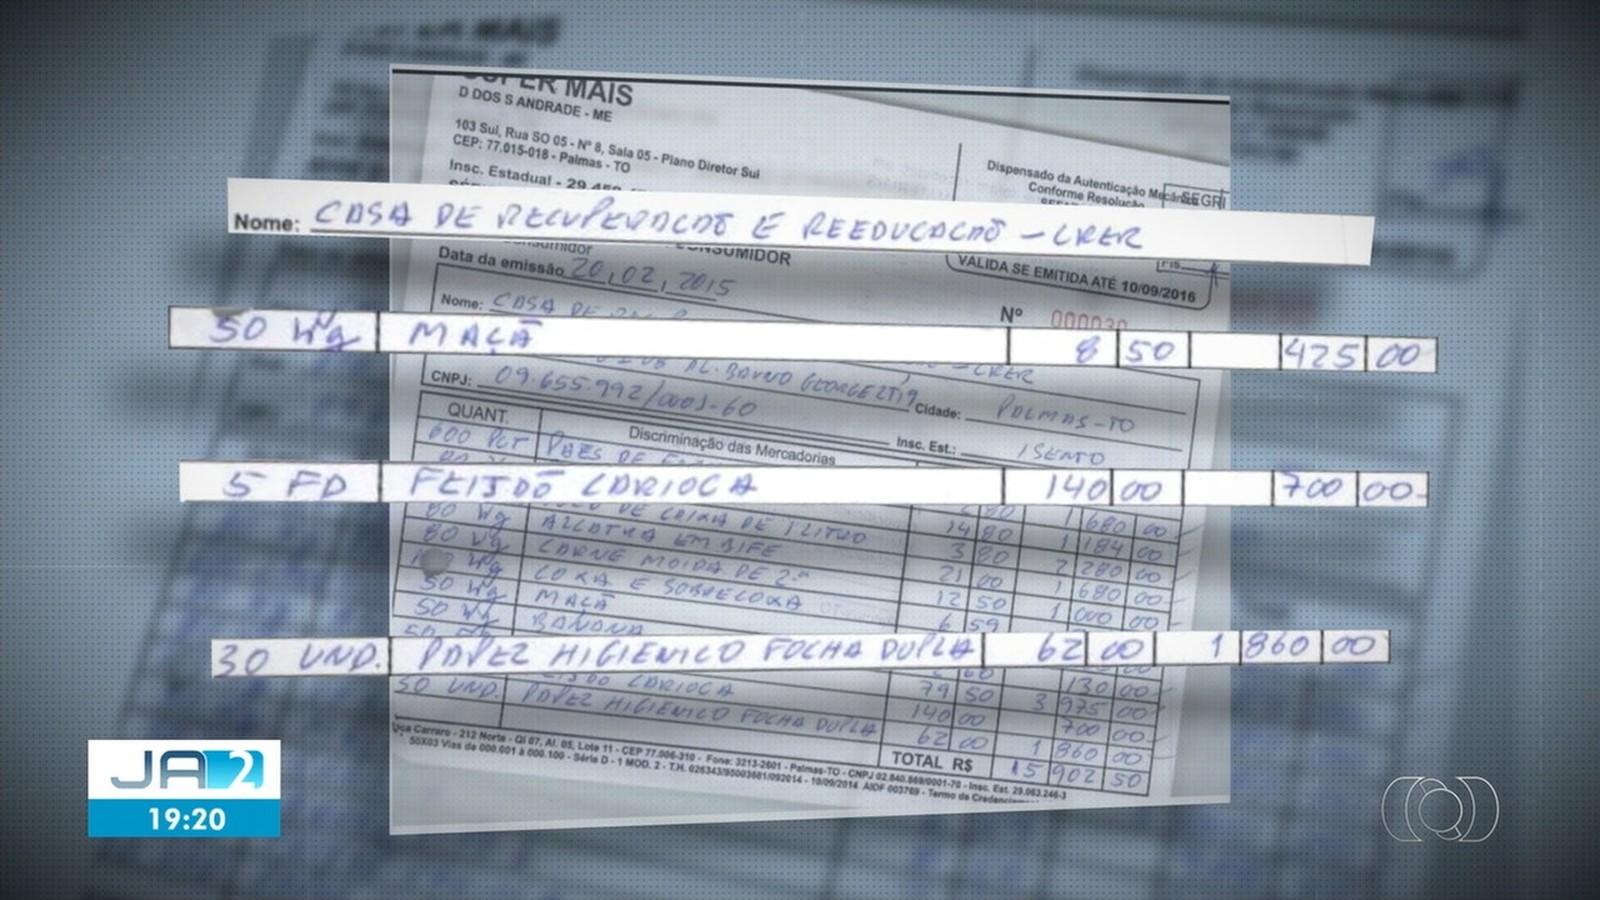 Empresa suspeita de fraudar contratos da prefeitura recebeu R$ 62 por rolo de papel higiênico, diz polícia